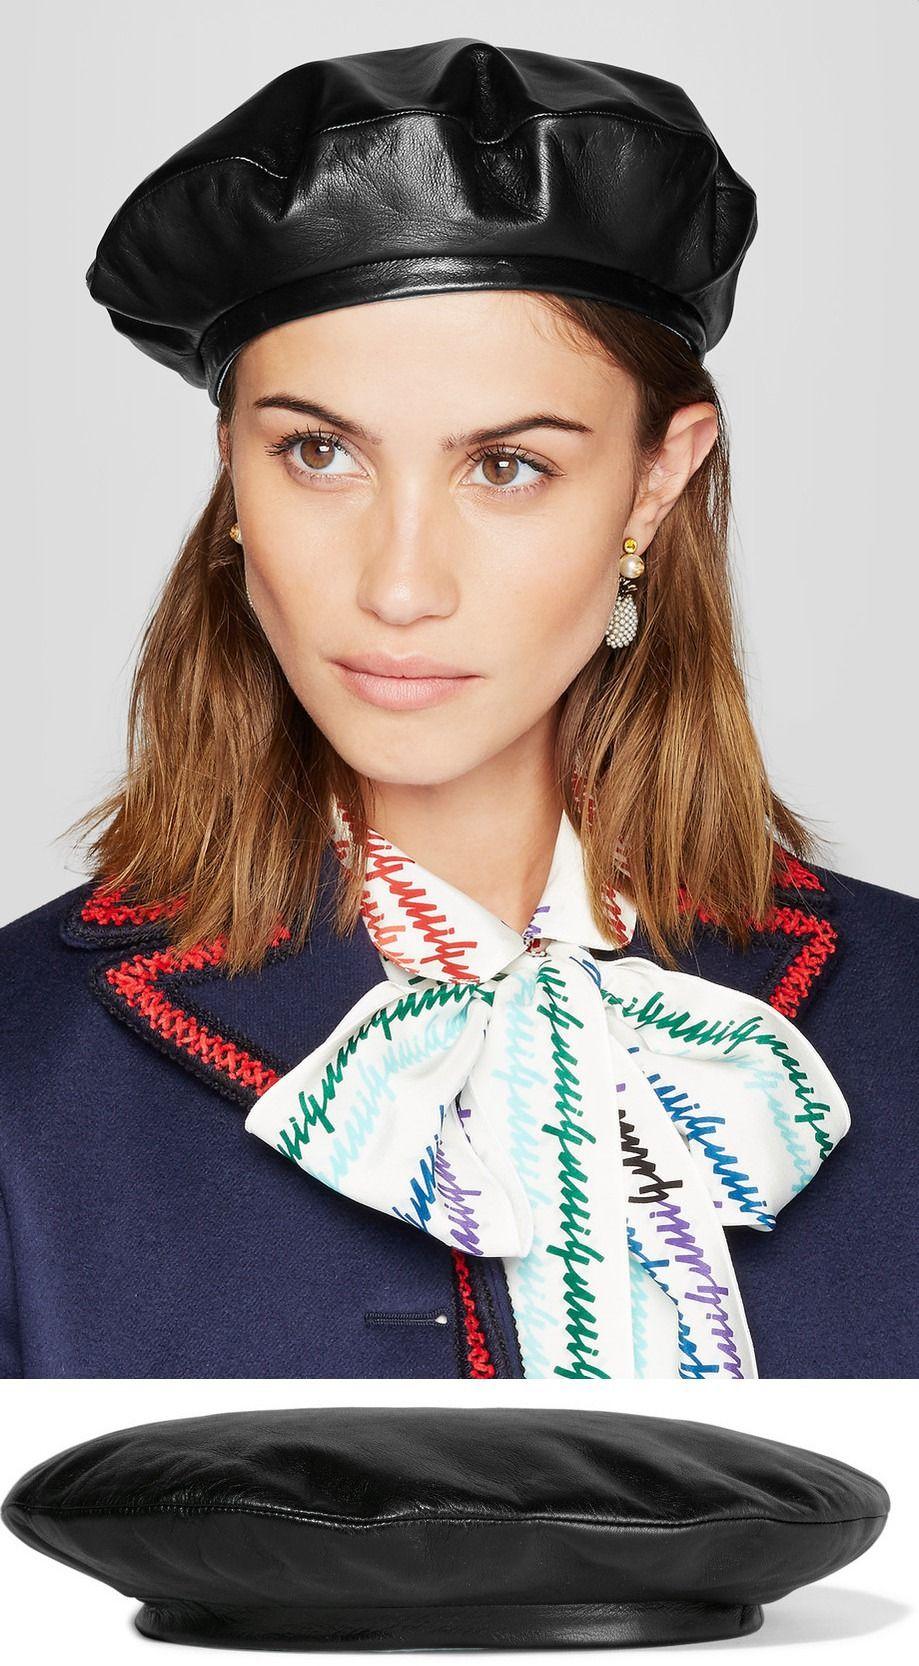 GUCCI Leather beret $490 | Шитье головных уборов/Sewing Hats | Pinterest